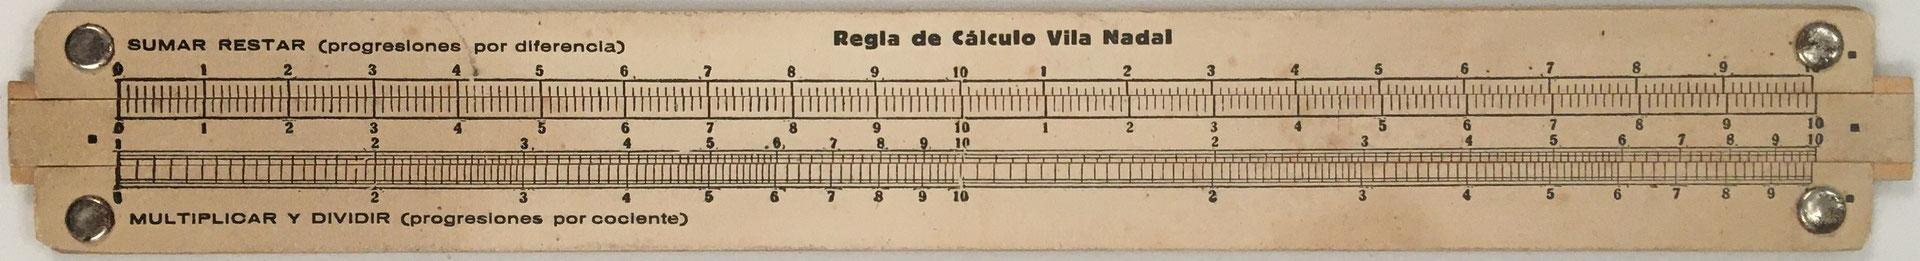 Regla de cálculo VILA NADAL, Dr. Antonio Vila Nadal, hacia 1925, 27x3.5 cm